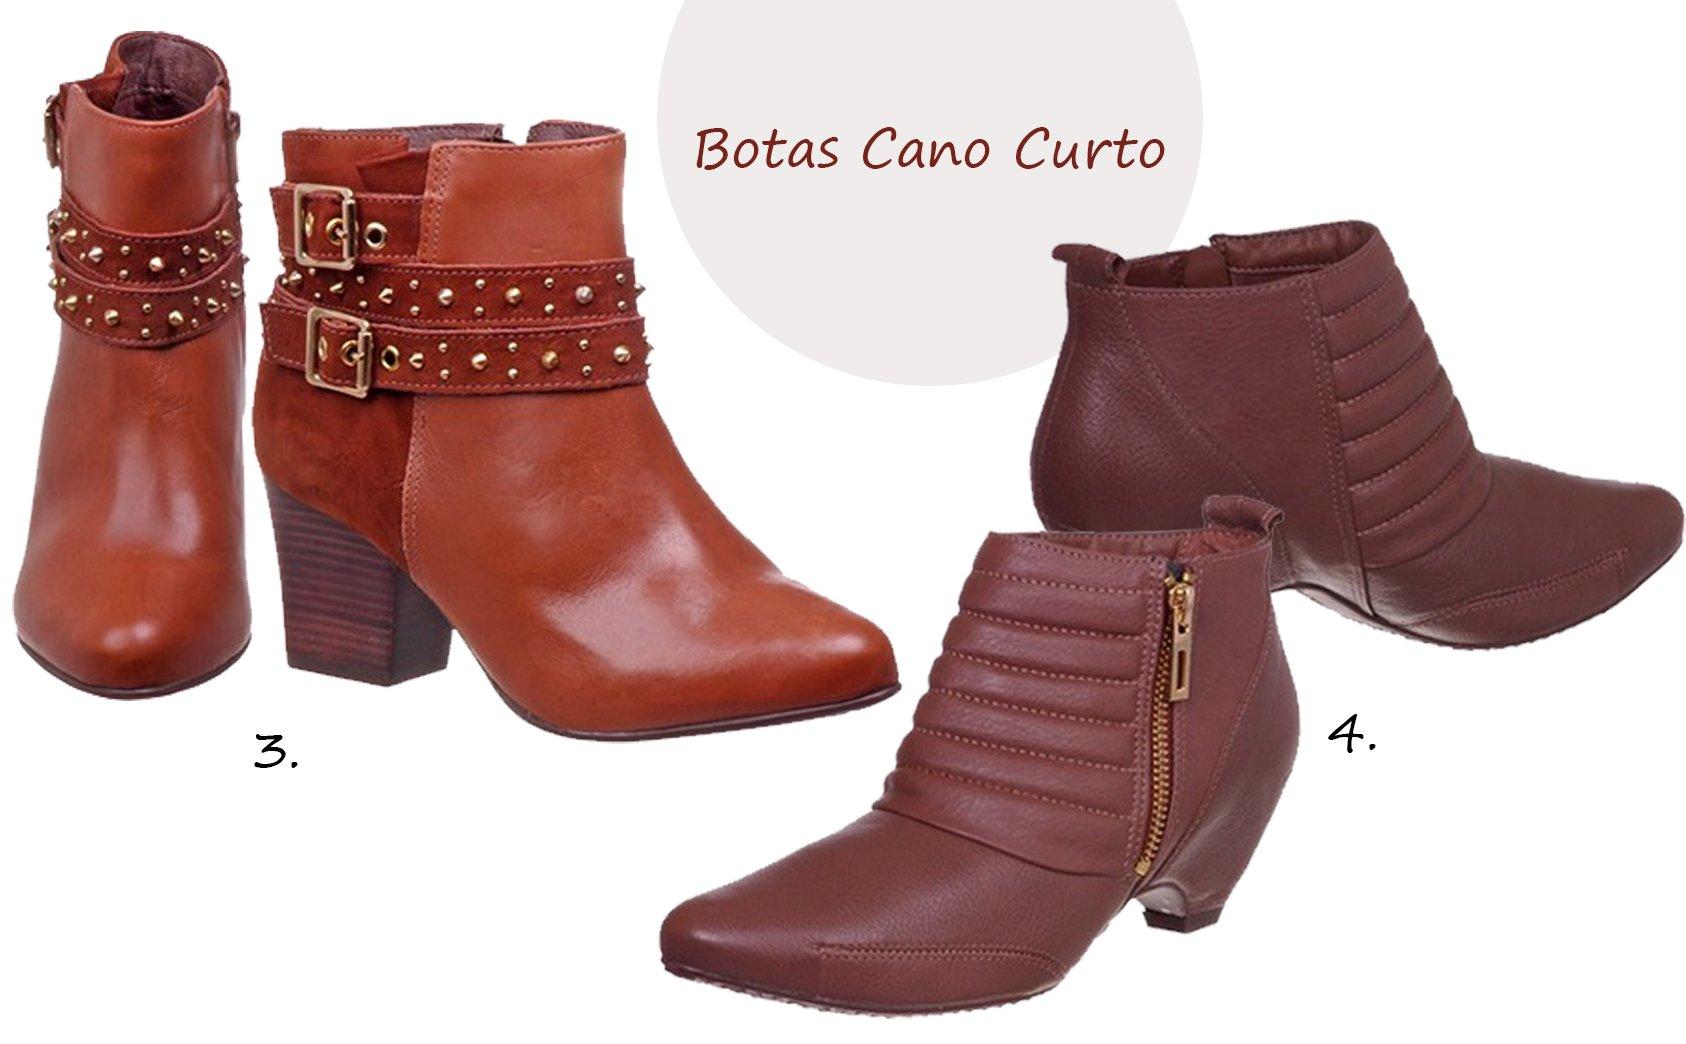 comprar botas cano curto online